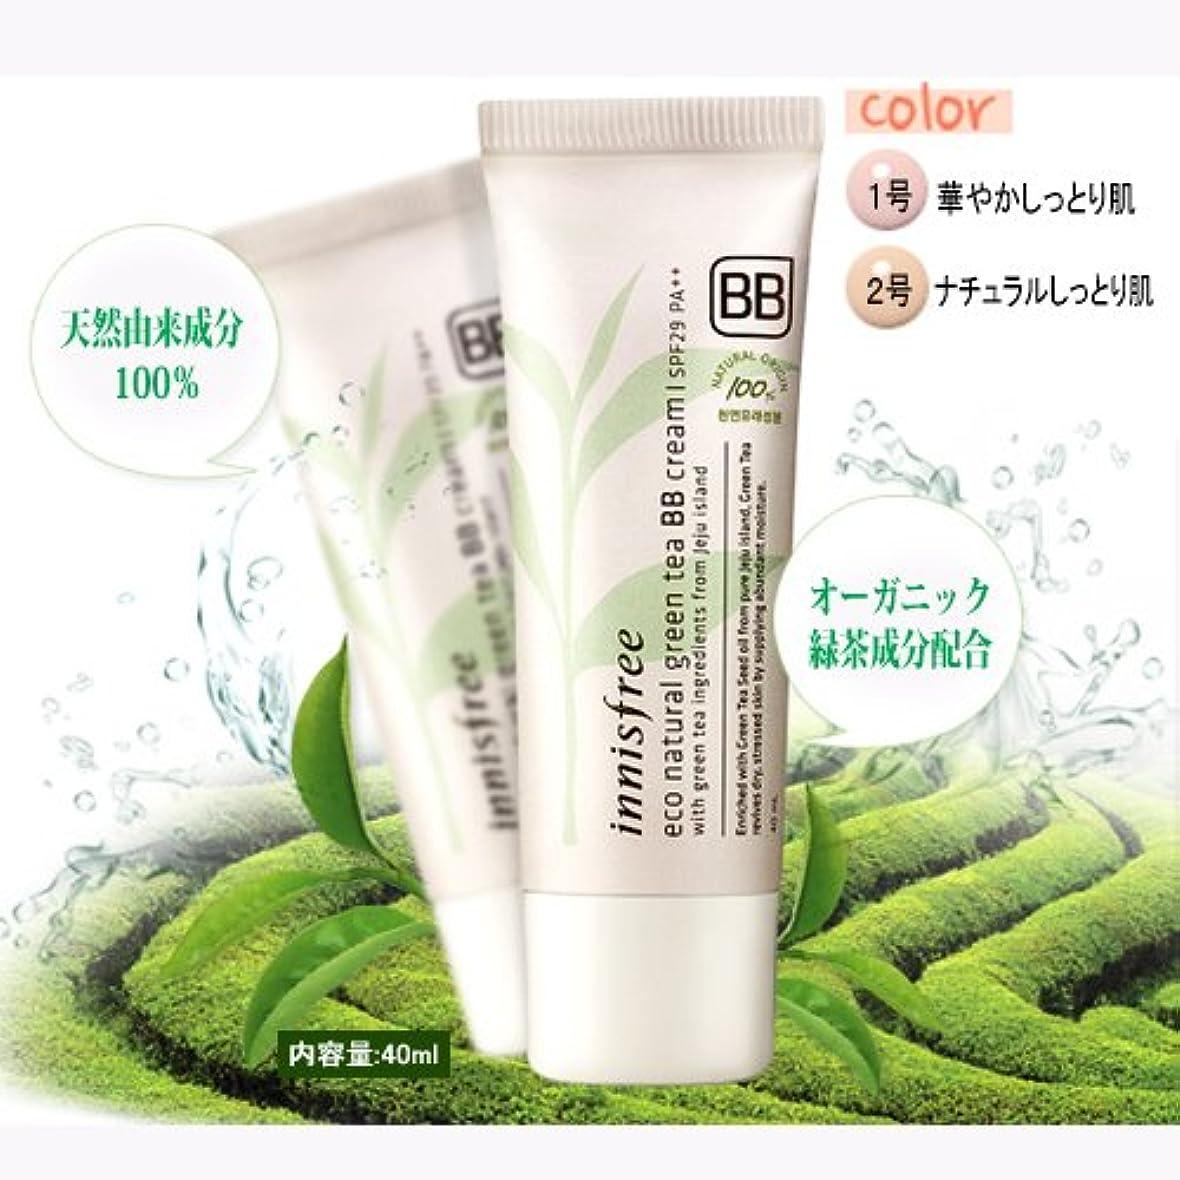 保守可能市民ミンチinnisfree/イニスフリー Eco Natural Green Tea BB Cream #02/エコナチュラルグリーンティーBBクリームナチュラルなしっとりお肌 SPF29PA++40ml